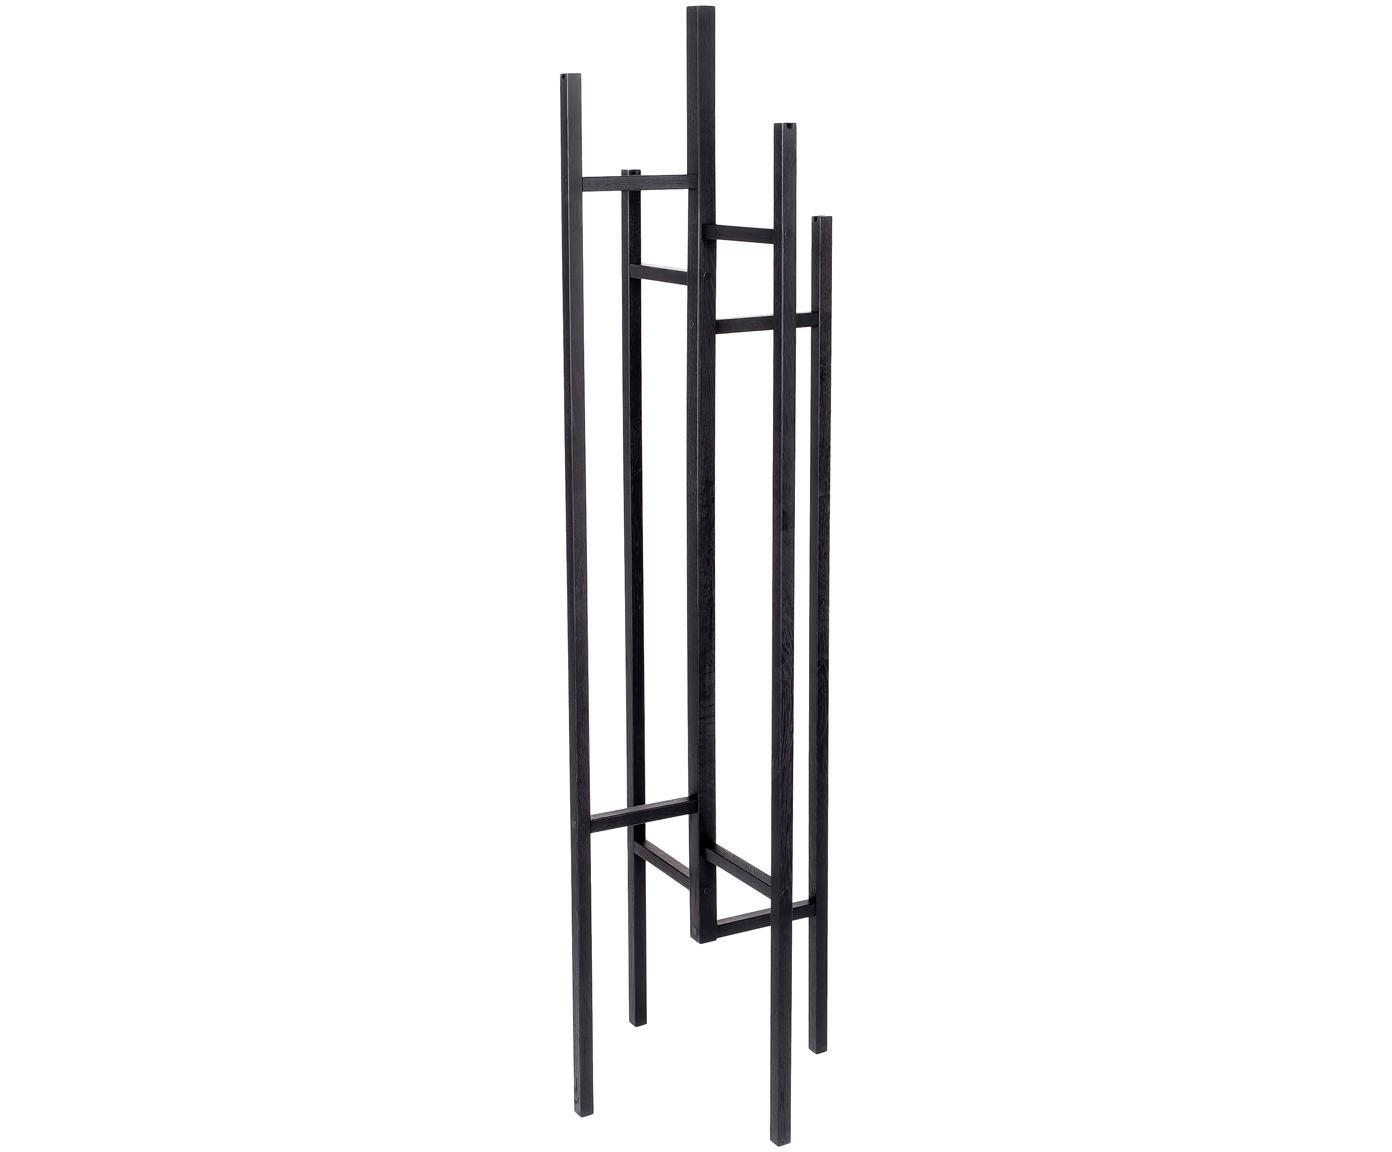 Wieszak stojący z 5 hakami Eigen, Drewno dębowe, lite i lakierowane, Czarny, S 47 x W 175 cm